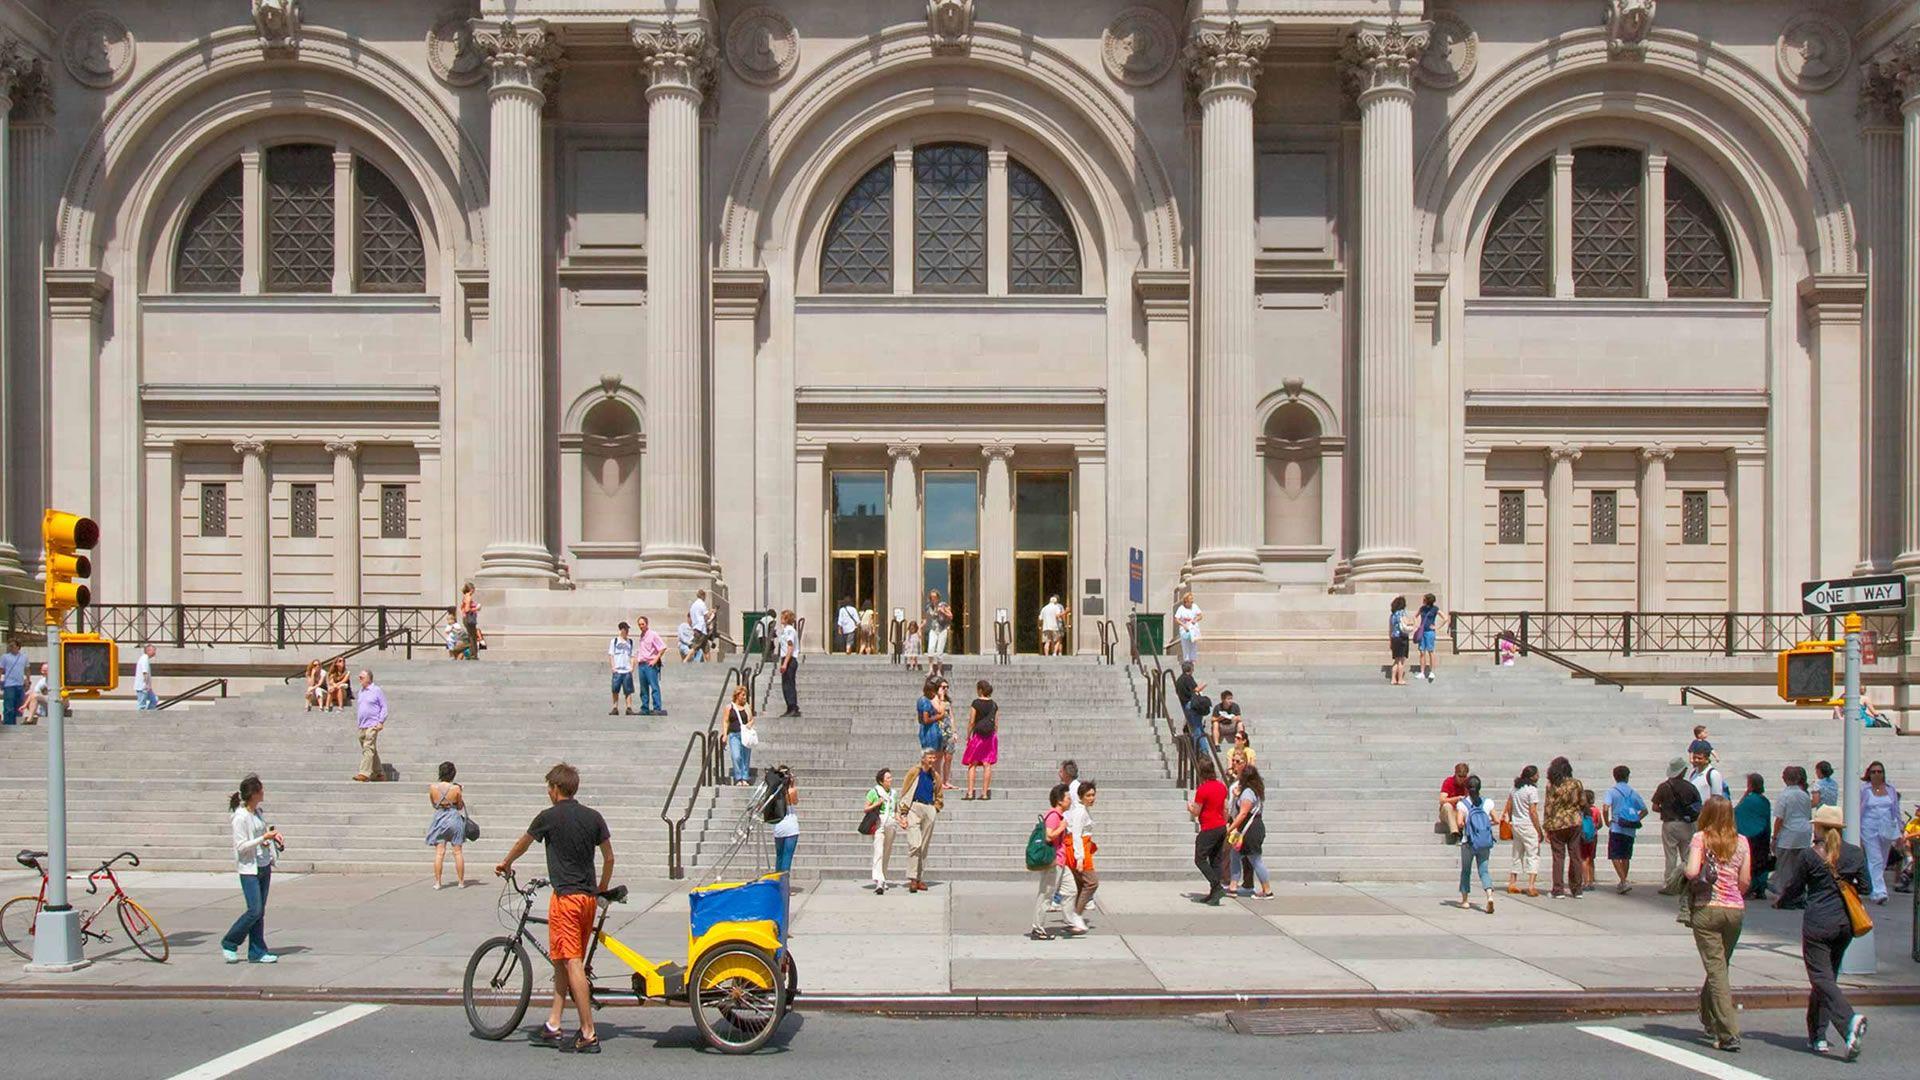 El museo Met de Nueva York comenzará a cobrar US$25 el ingreso